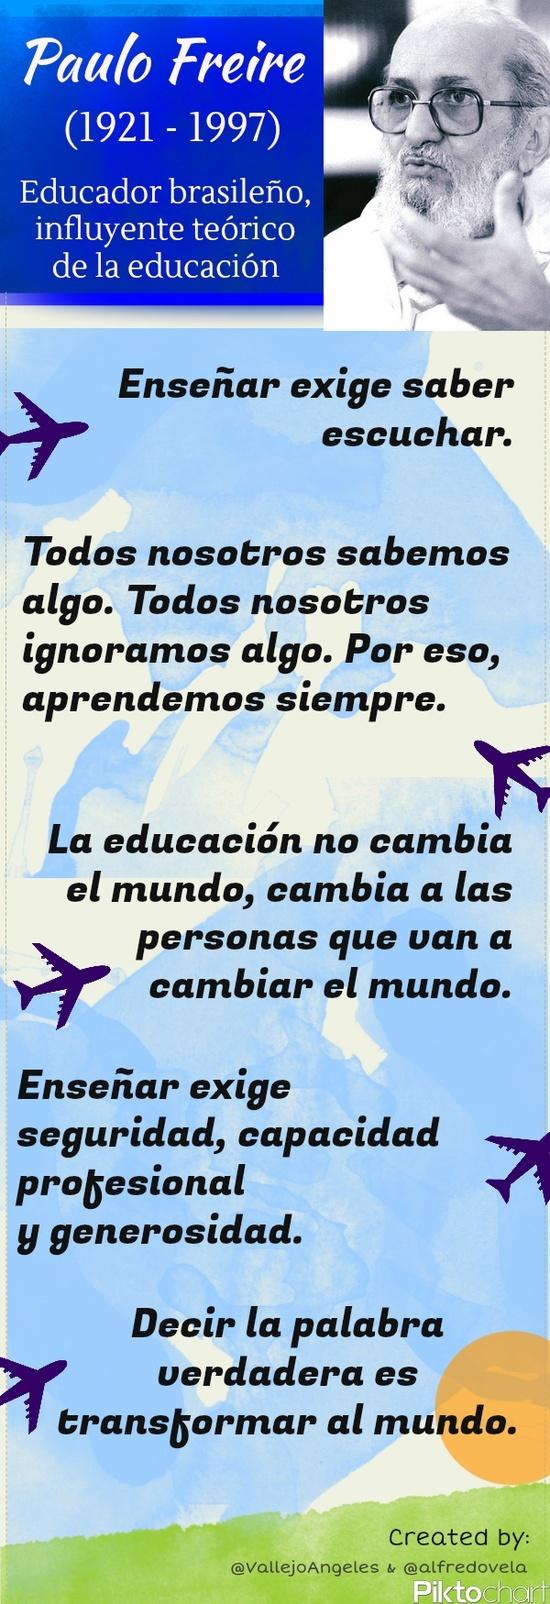 Filosofia de la vida por Paulo Freire.